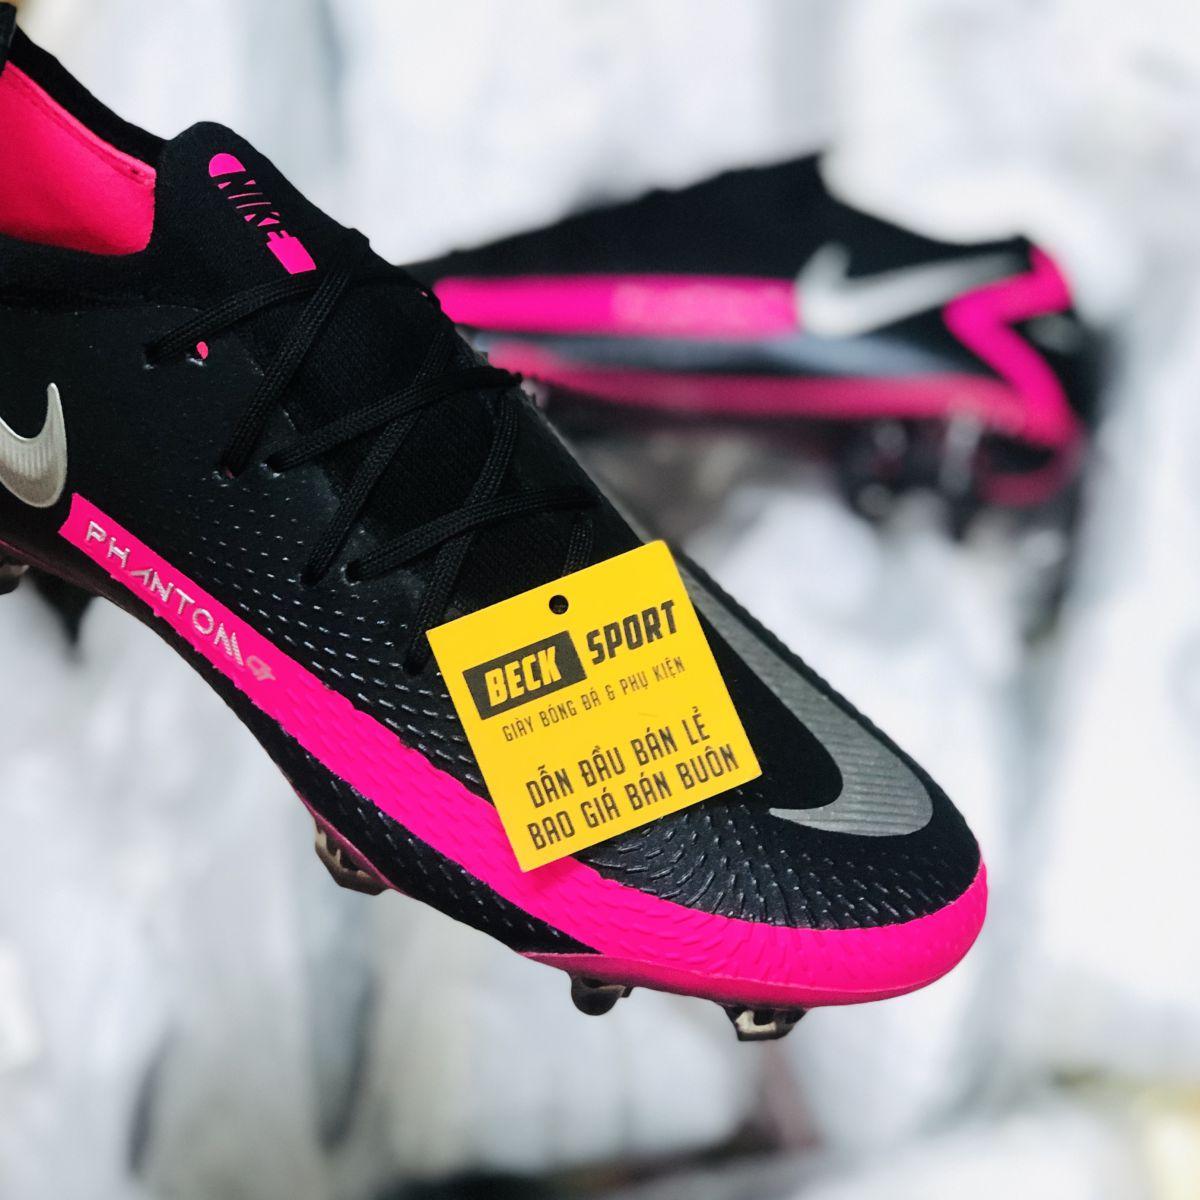 Giày Bóng Đá Nike Phantom GT Elite Đen Hồng Vạch Xám Cổ Lửng FG